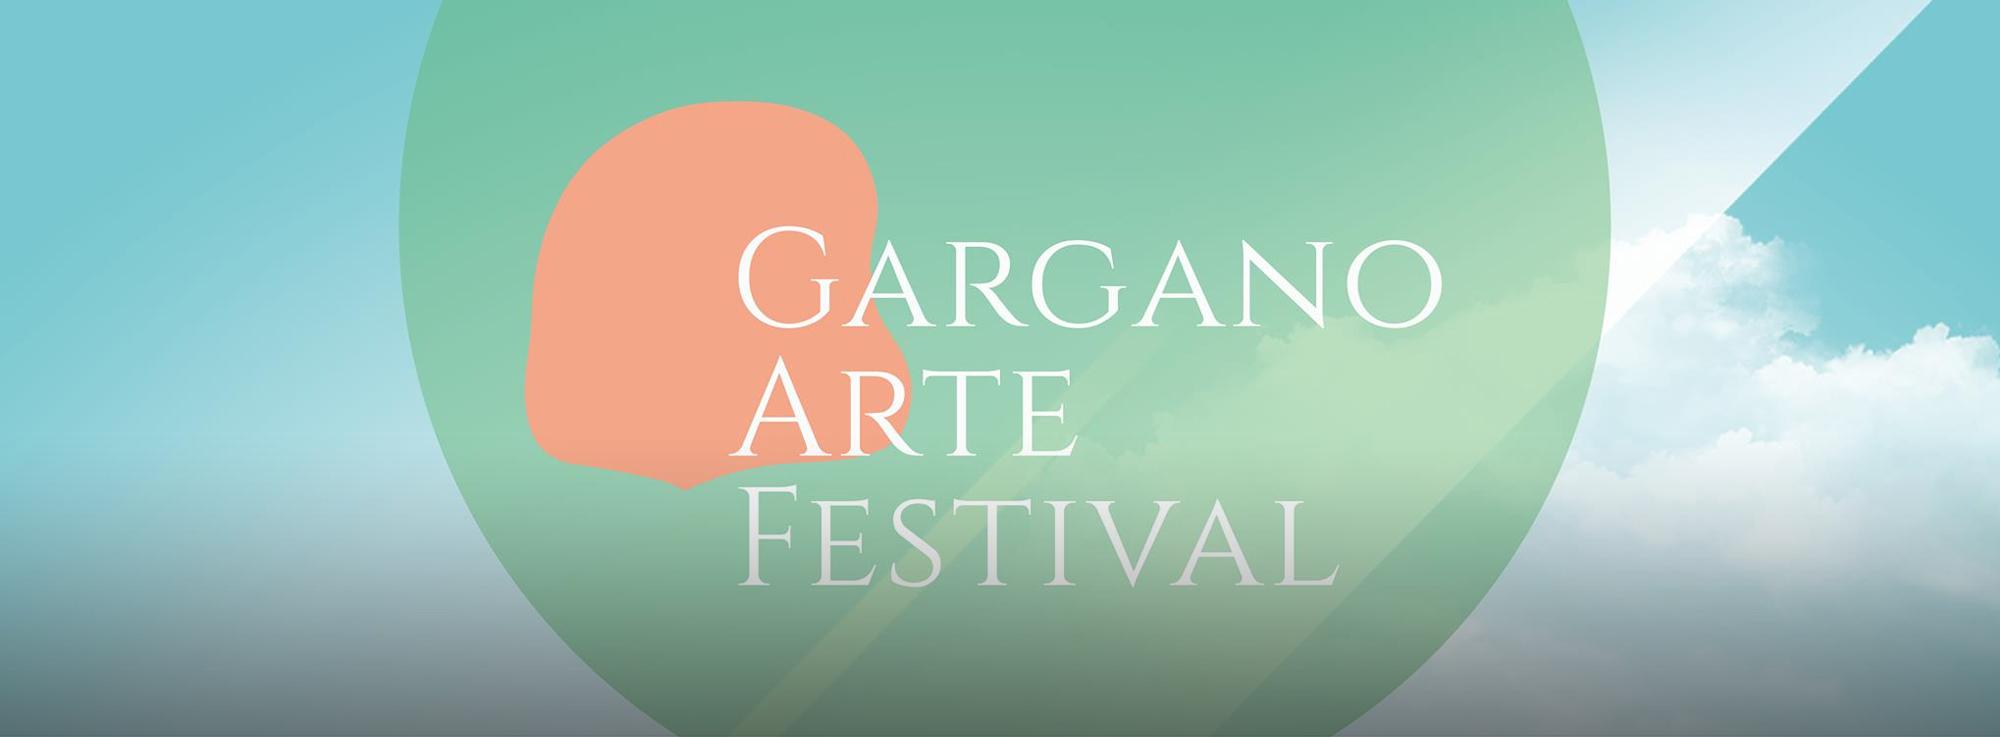 San Menaio: Gargano Arte Festival